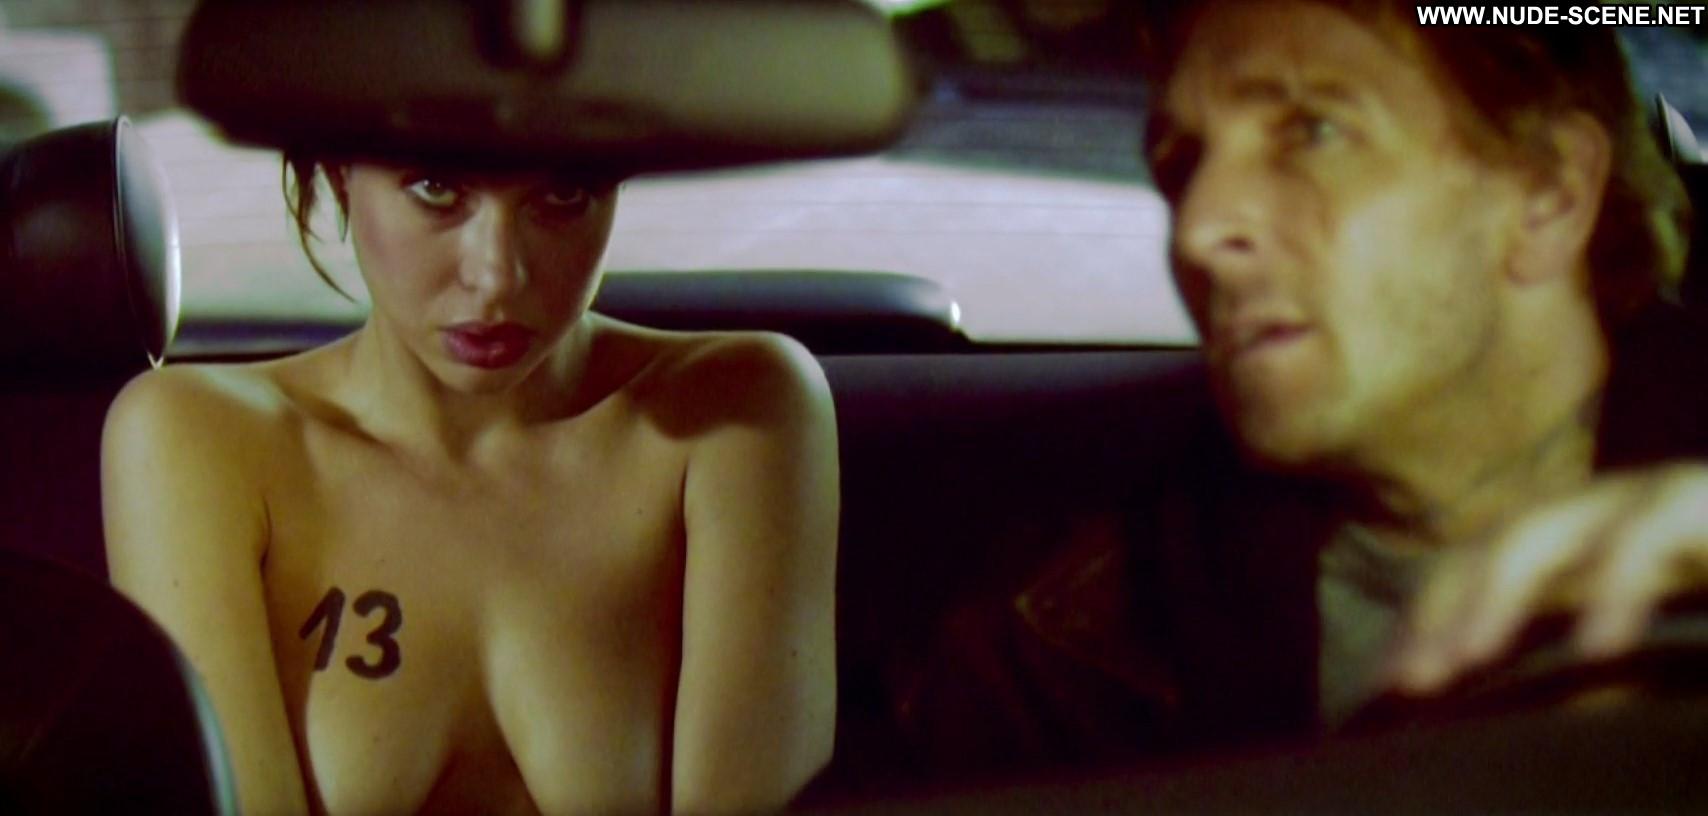 Naked jana pallaske Hot !